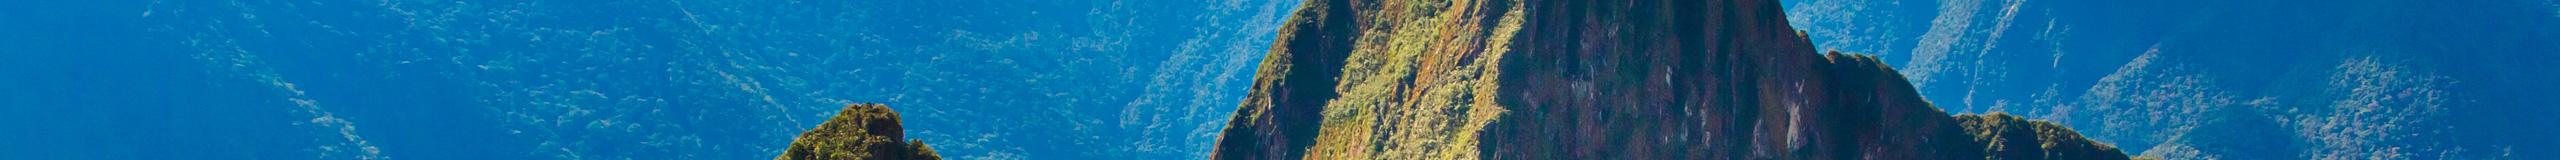 Aventure au Pérou</br>Vallée Sacrée et Machu Picchu